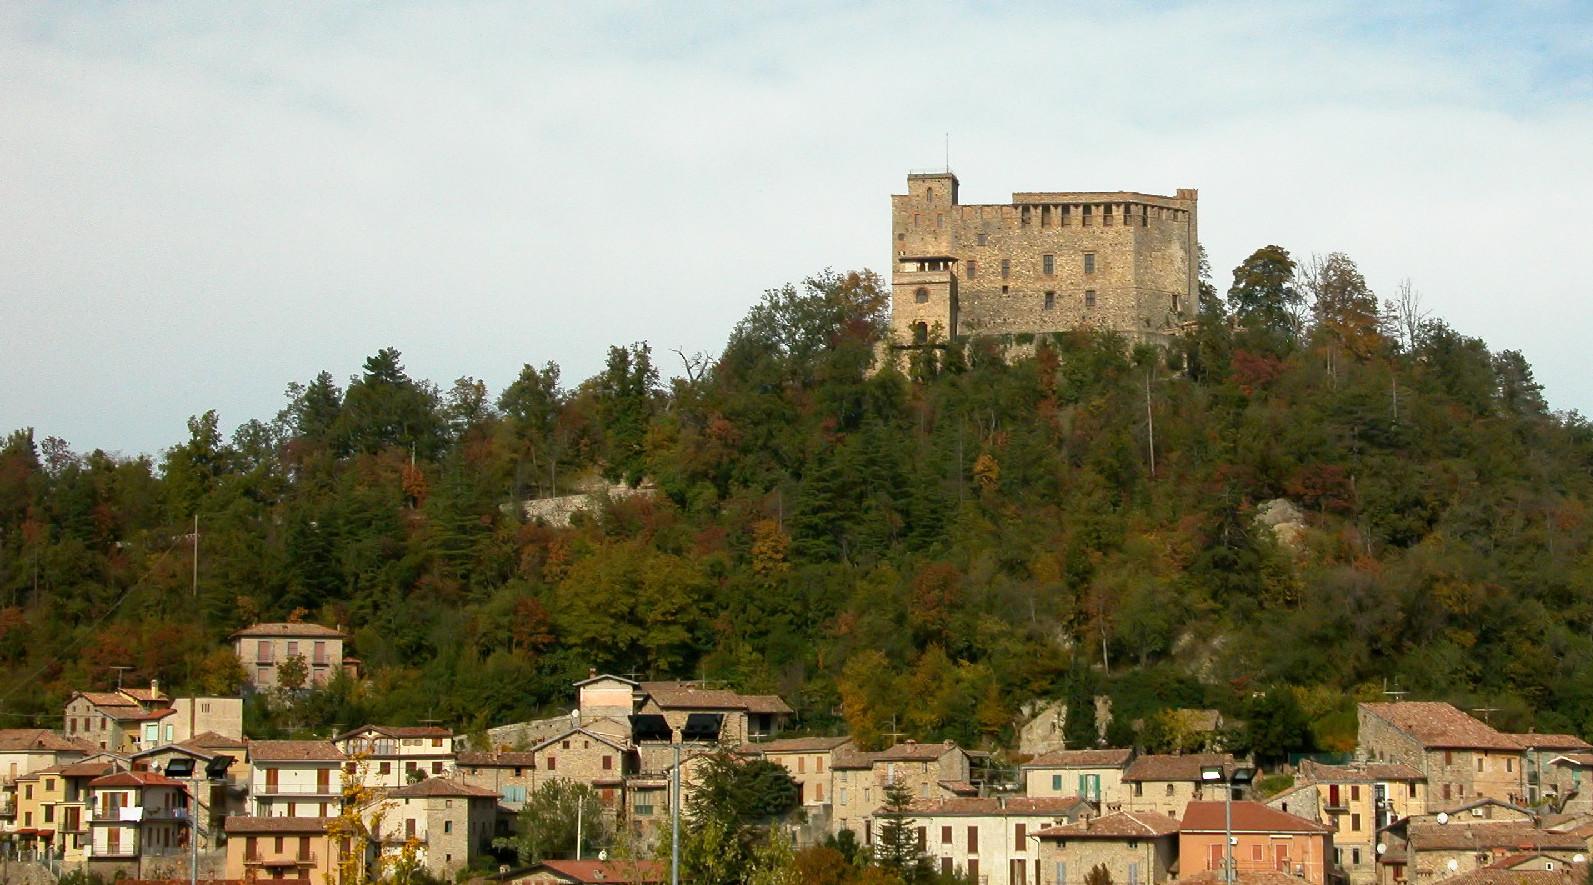 Veduta di Zavattarello nel pavese, foto di Yoruno su Wikipedia.org